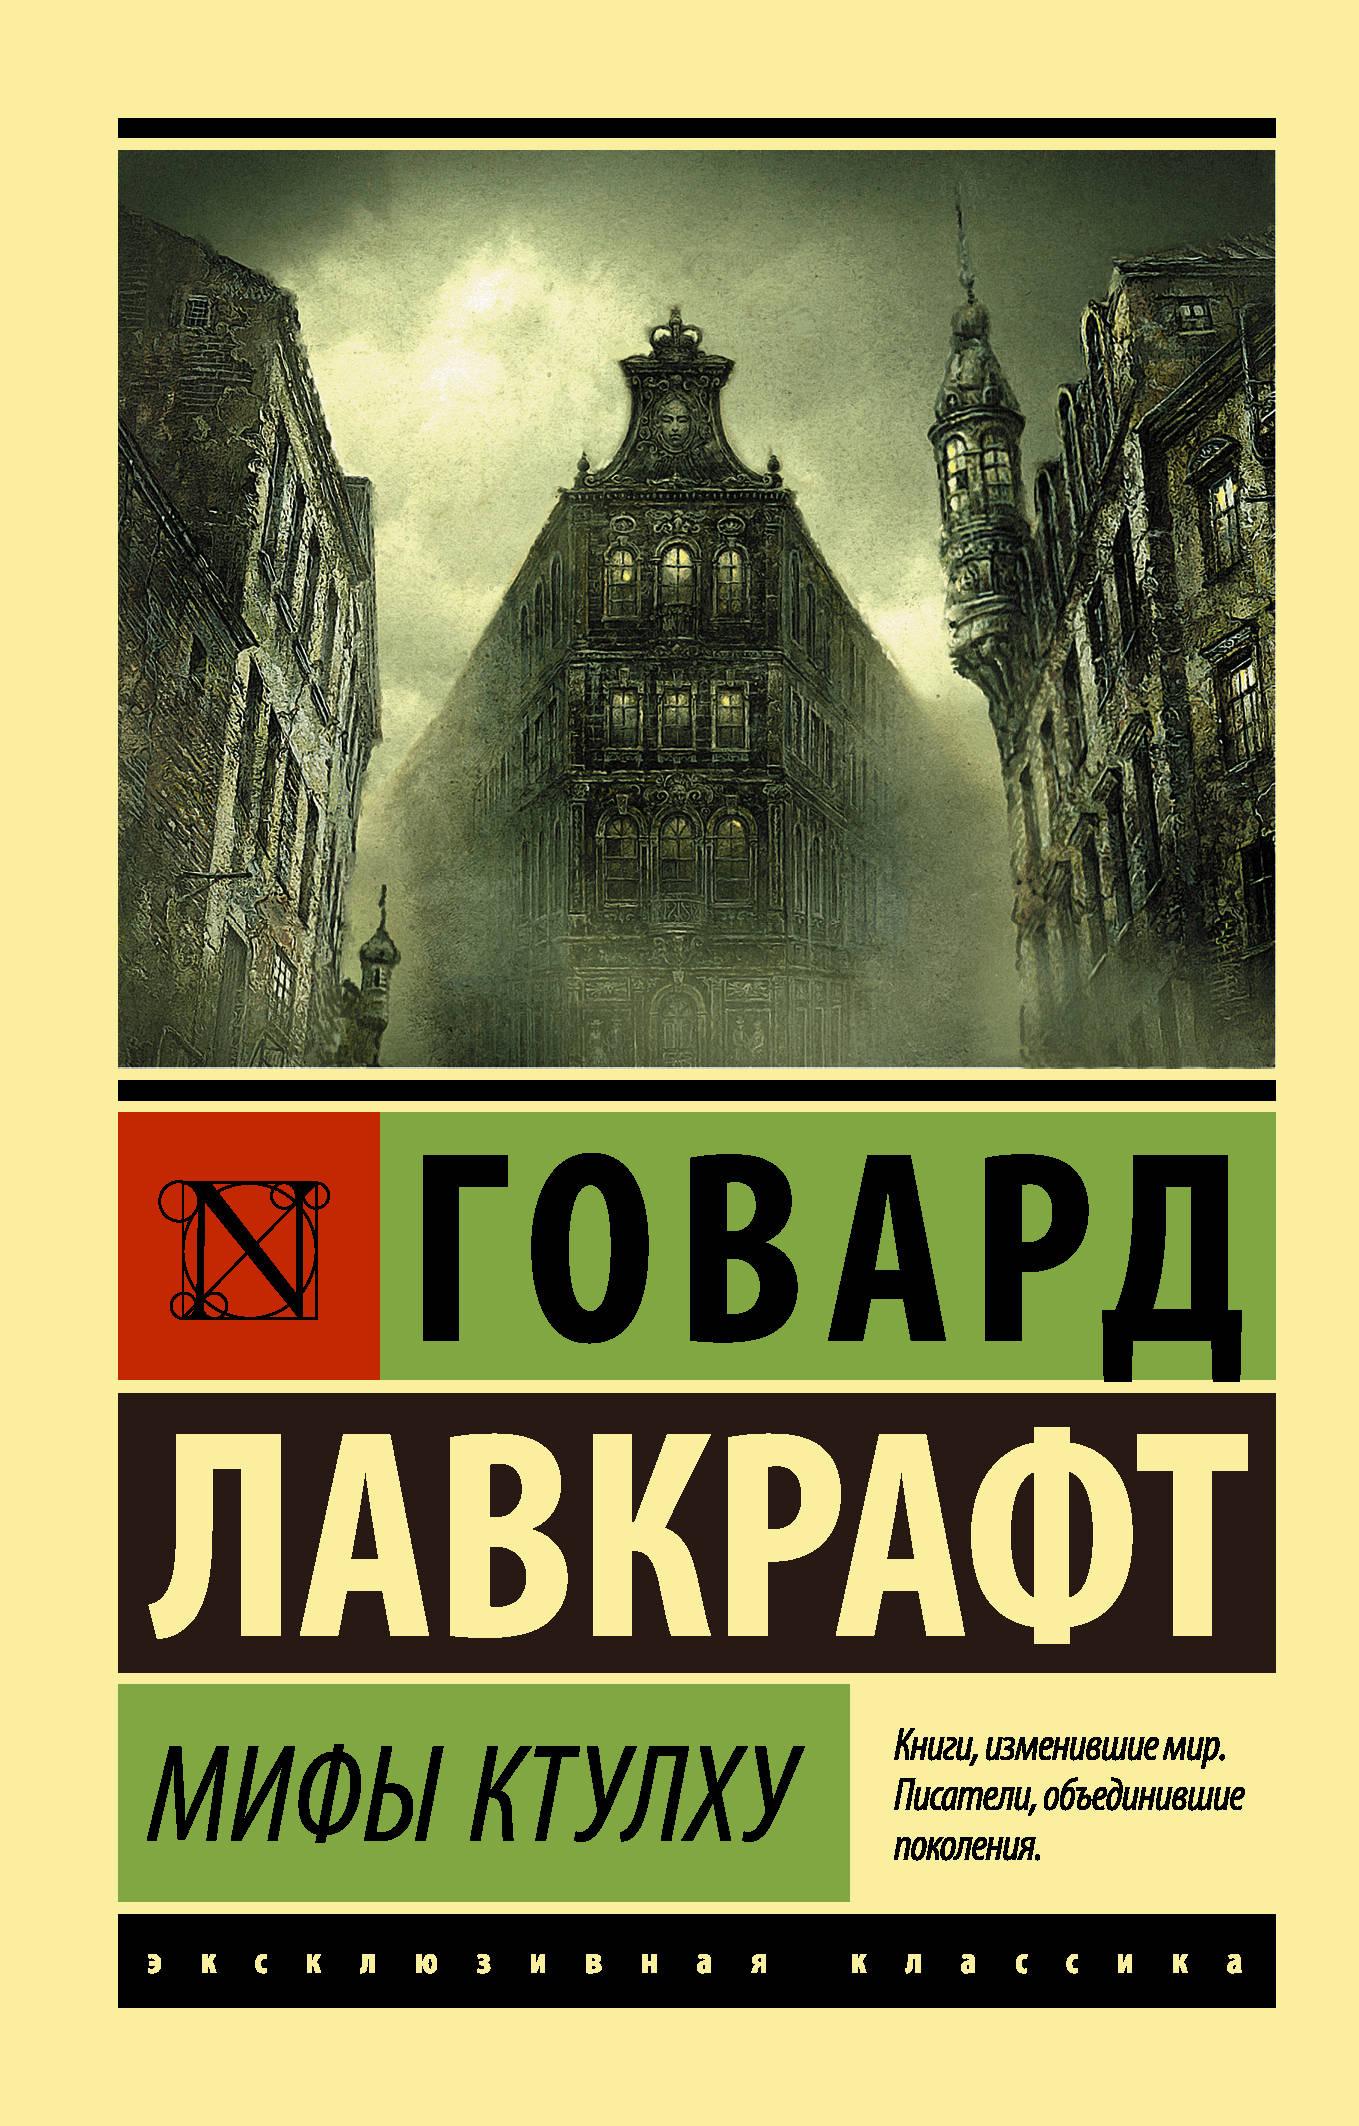 Мифы Ктулху от book24.ru